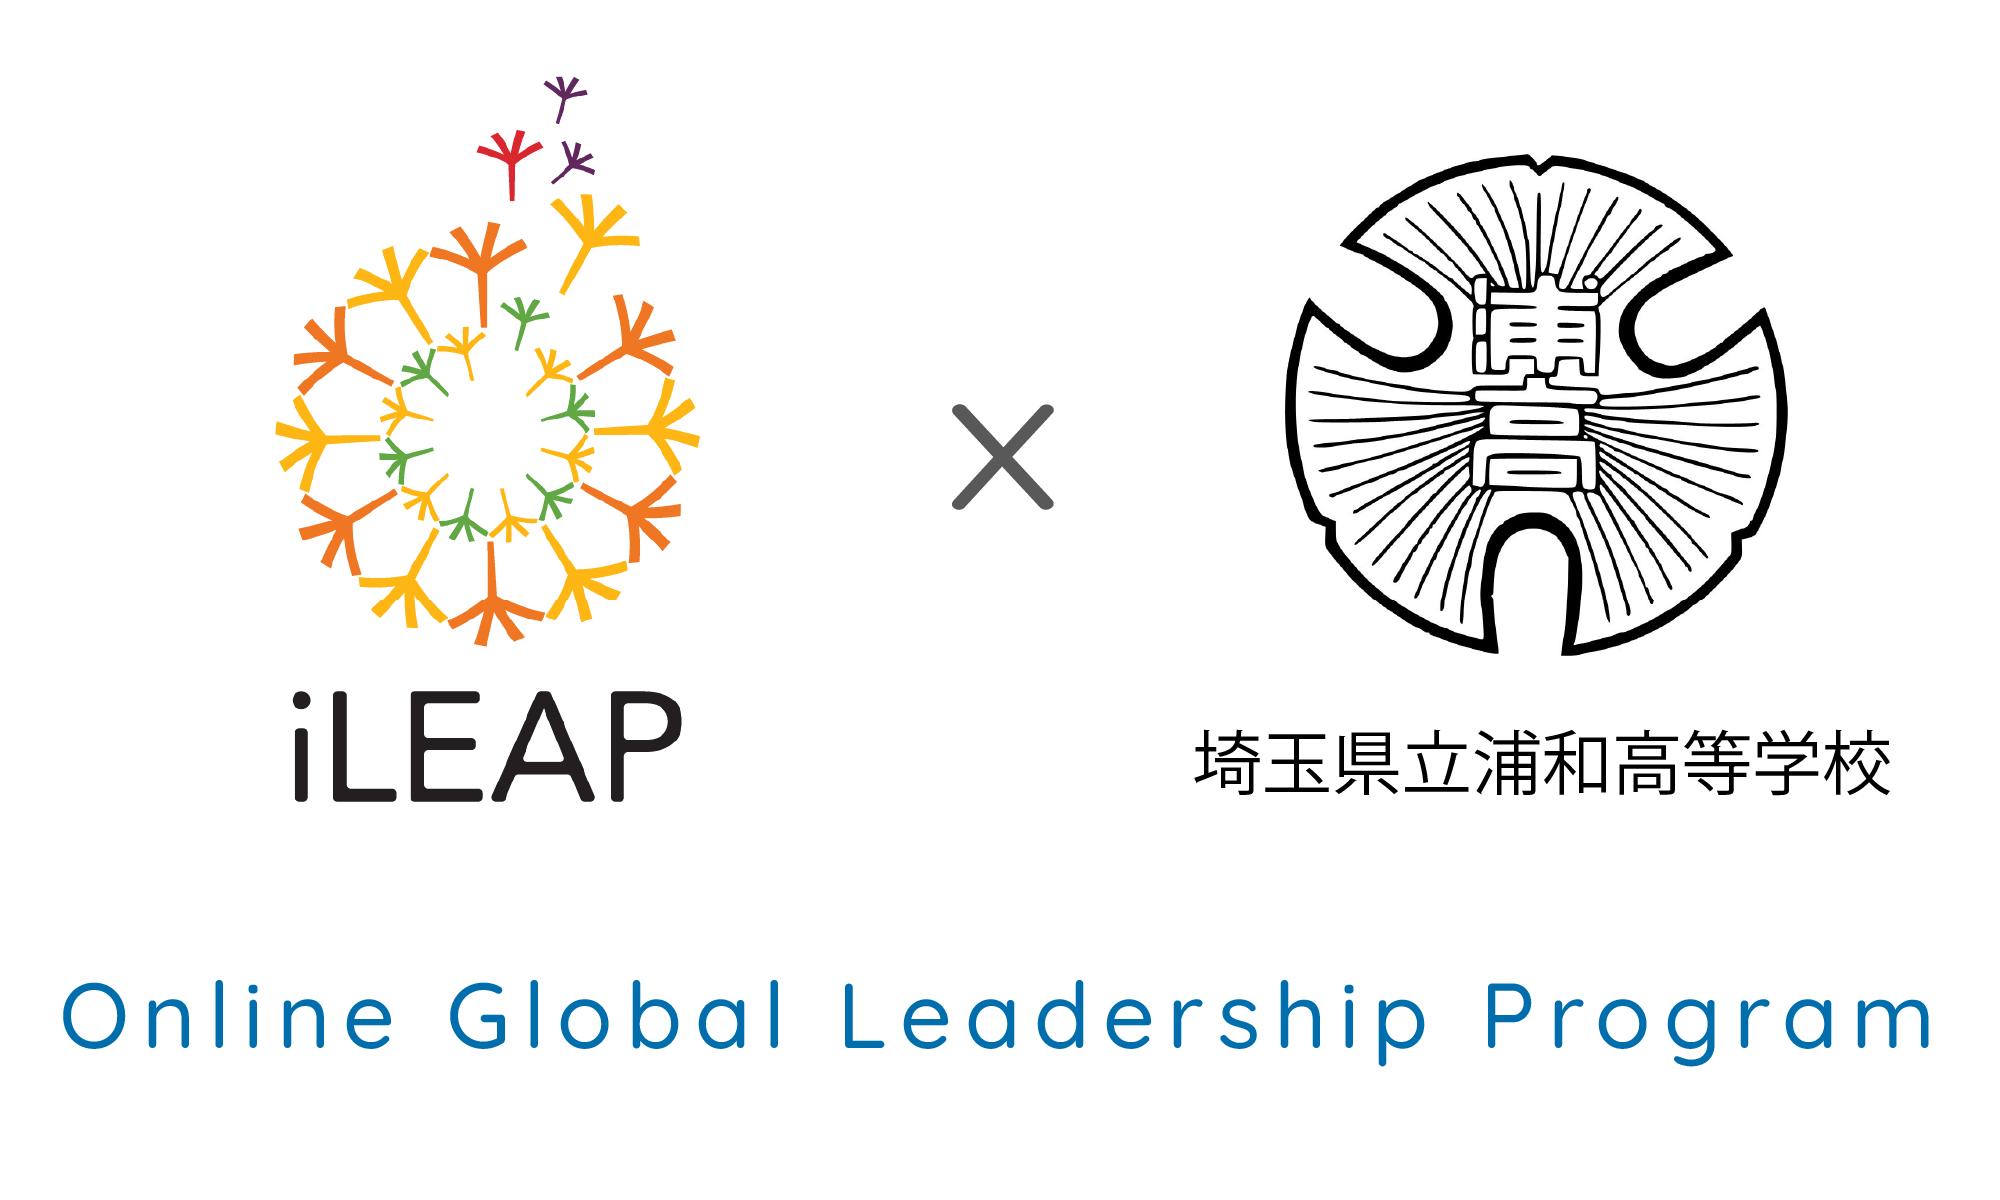 埼玉県立浦和高等学校との提携オンラインプログラムを実施します。